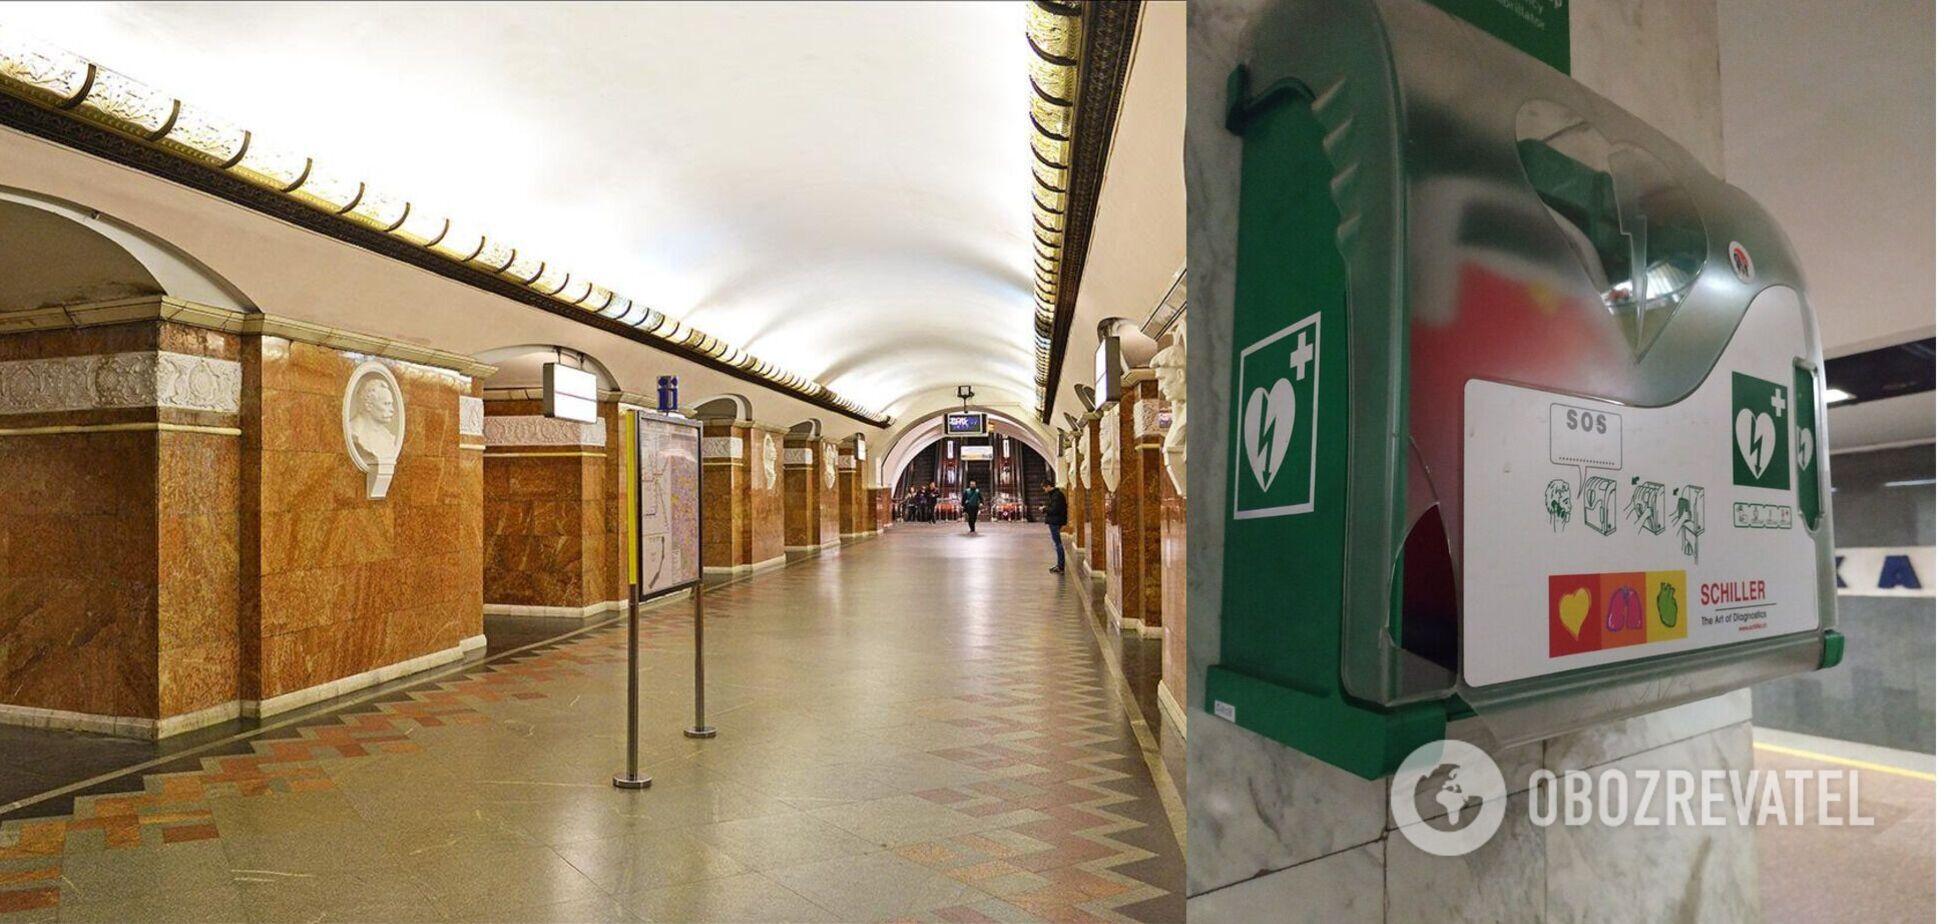 У київському метро вандали пошкодили дефібрилятори. Фото